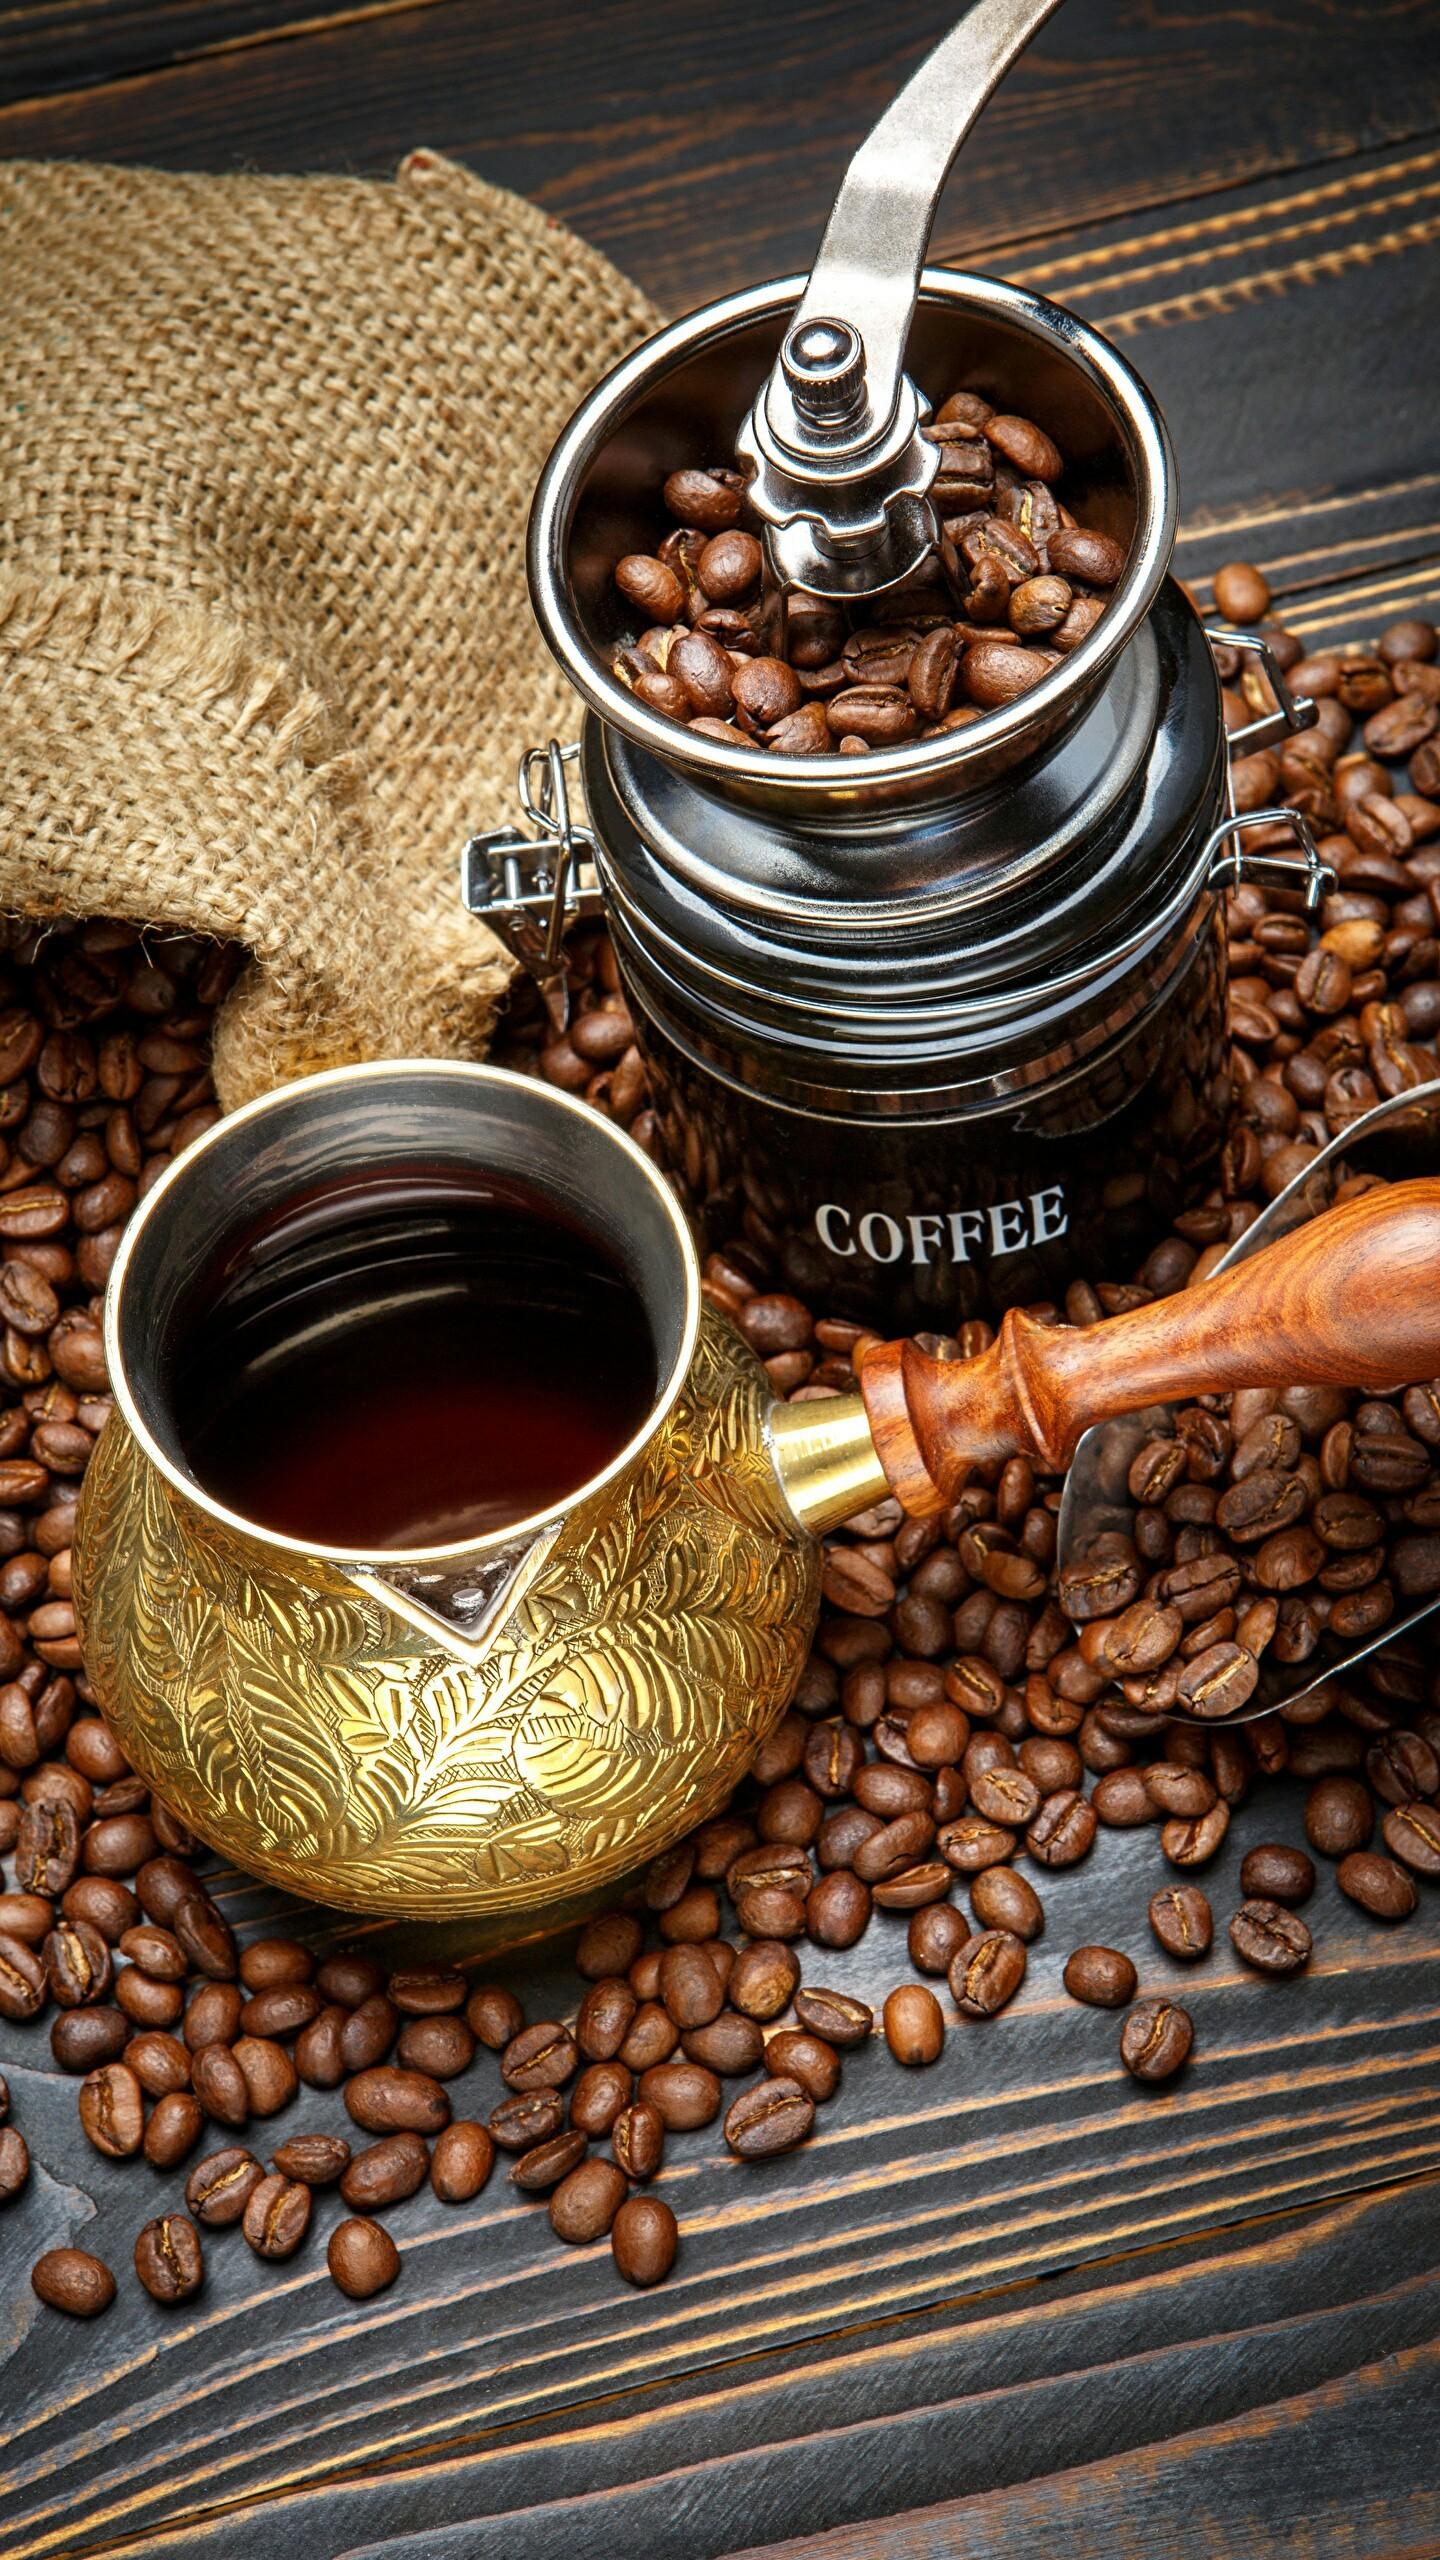 Обои записка, кофе. Разное foto 12